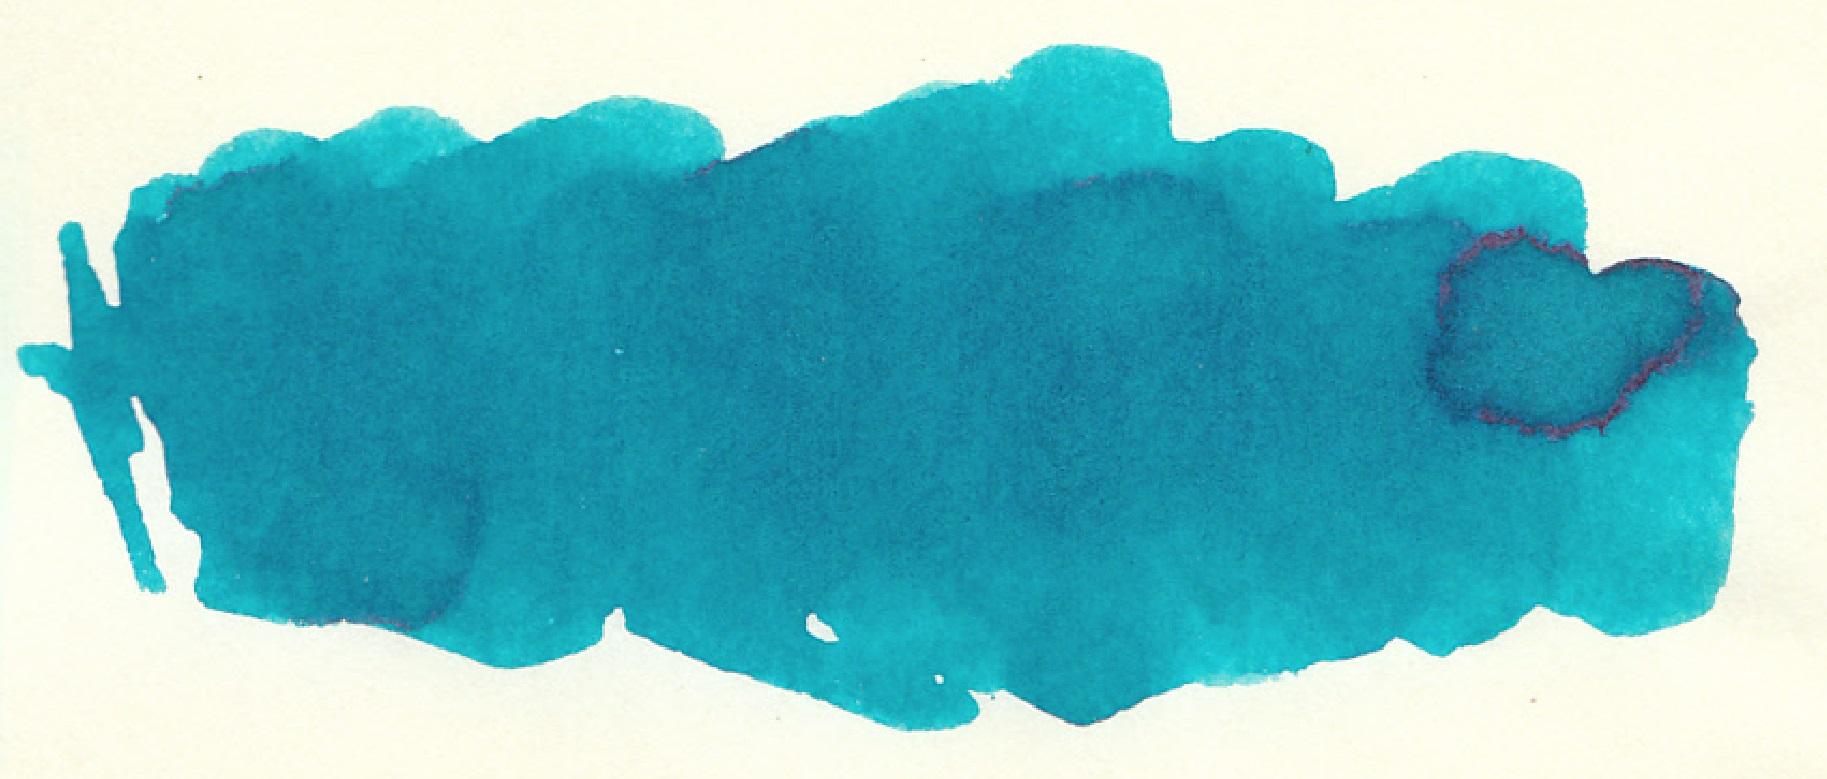 fpn_1467234492__bluedenim_oster_tomoe_3.